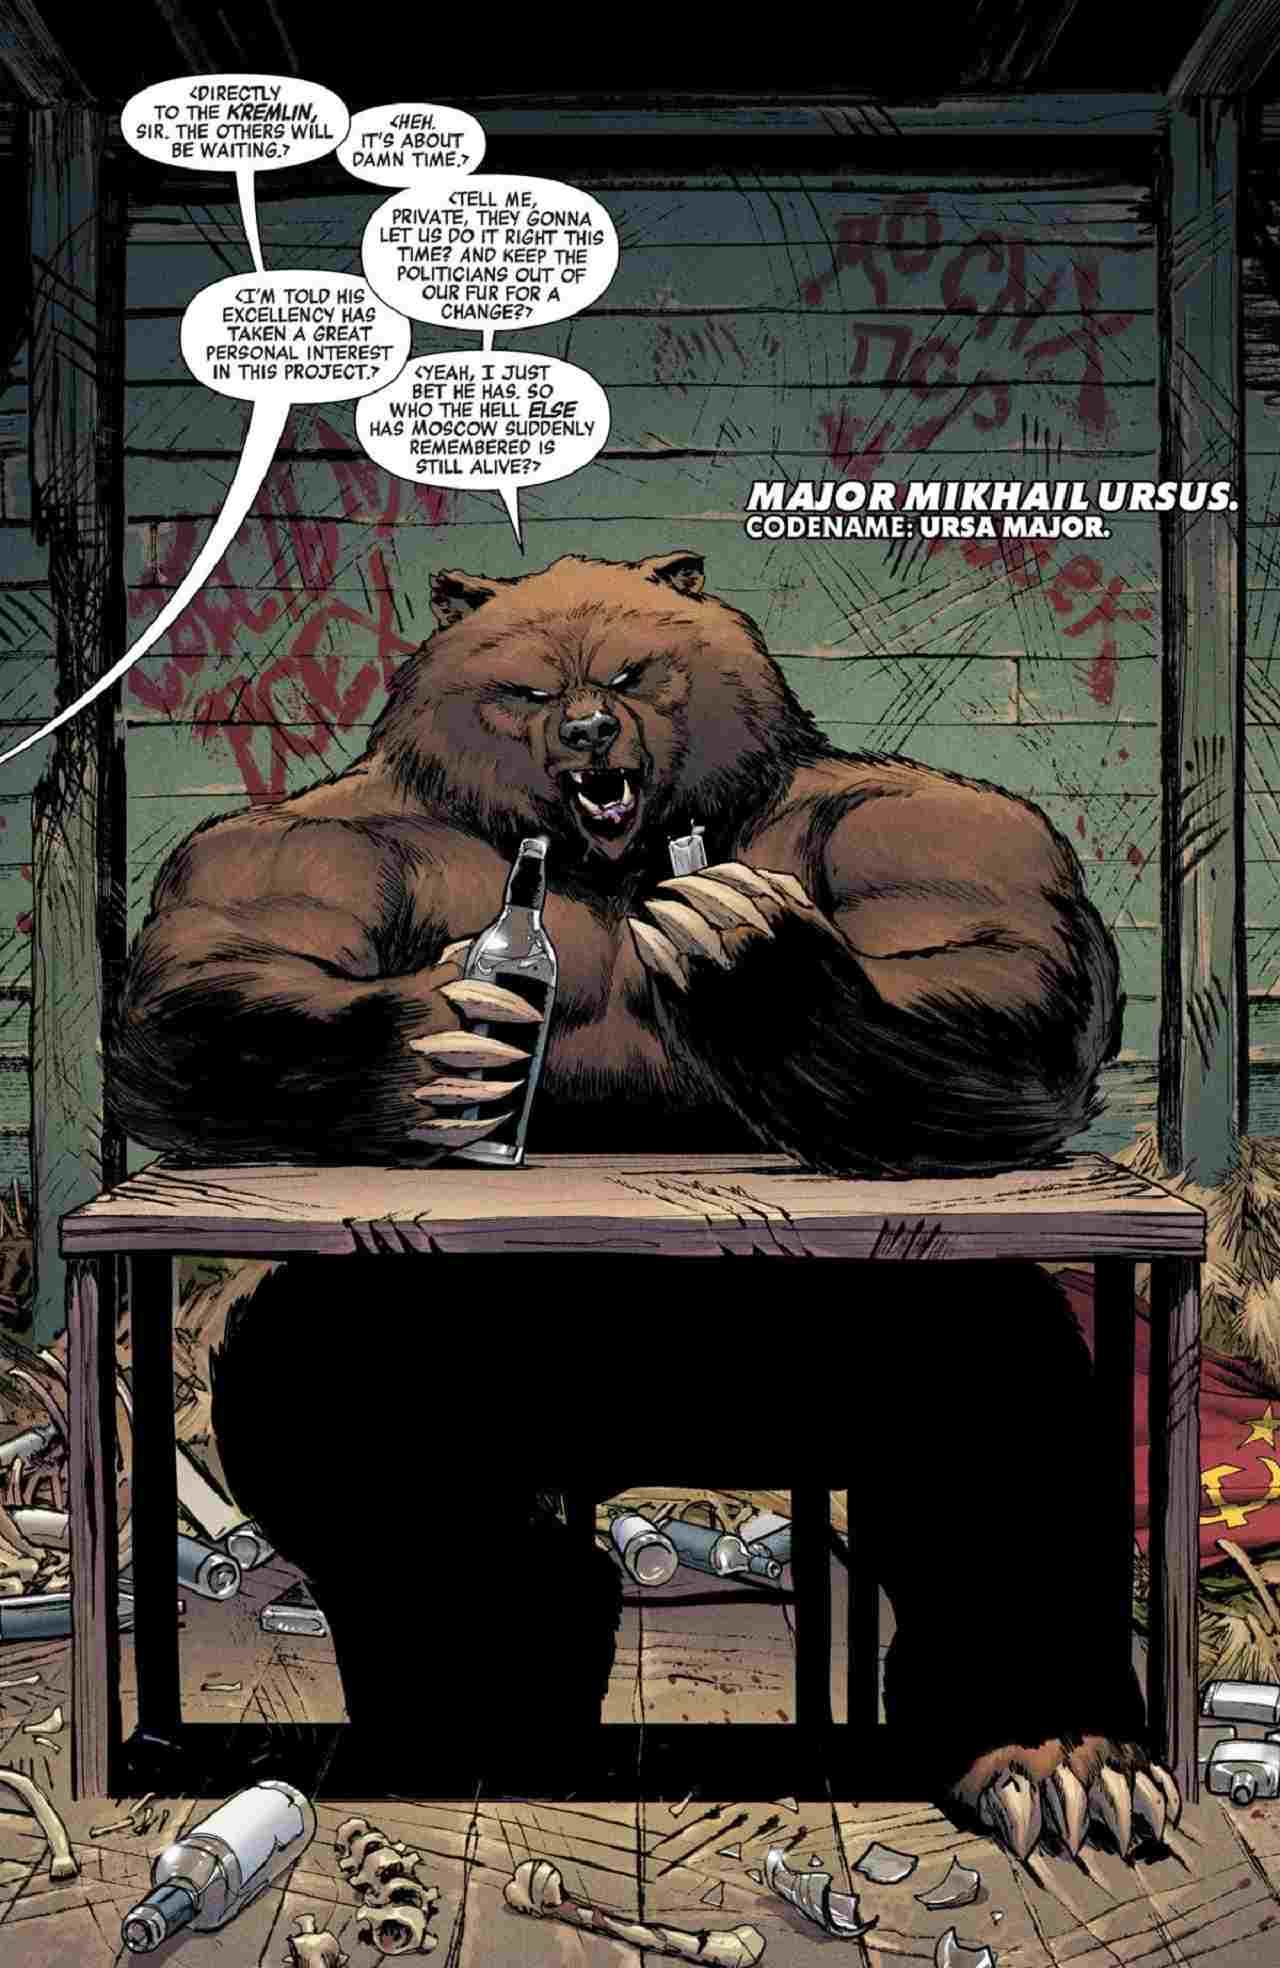 Black Widow Película Personajes de Marvel Quien es Ursa Major Oso